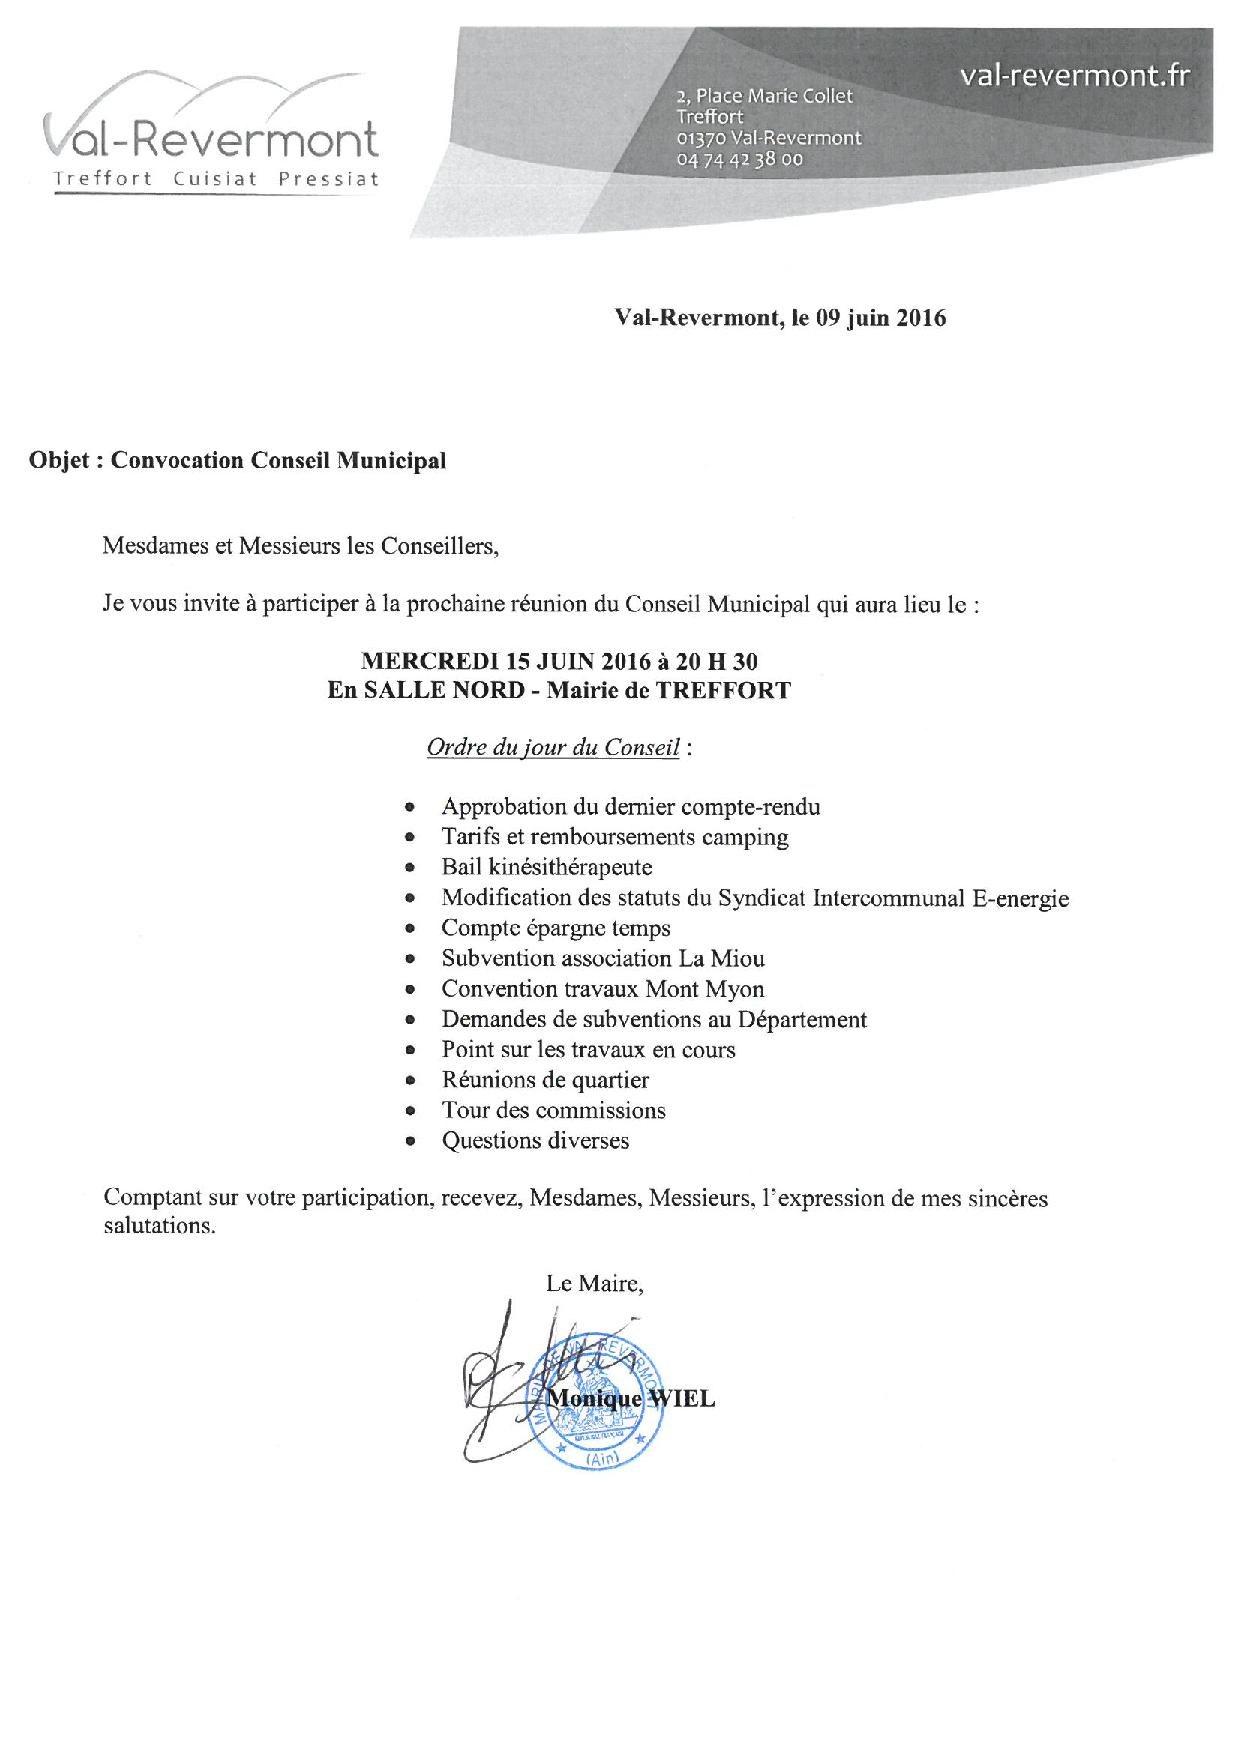 Convocation CM 15 juin